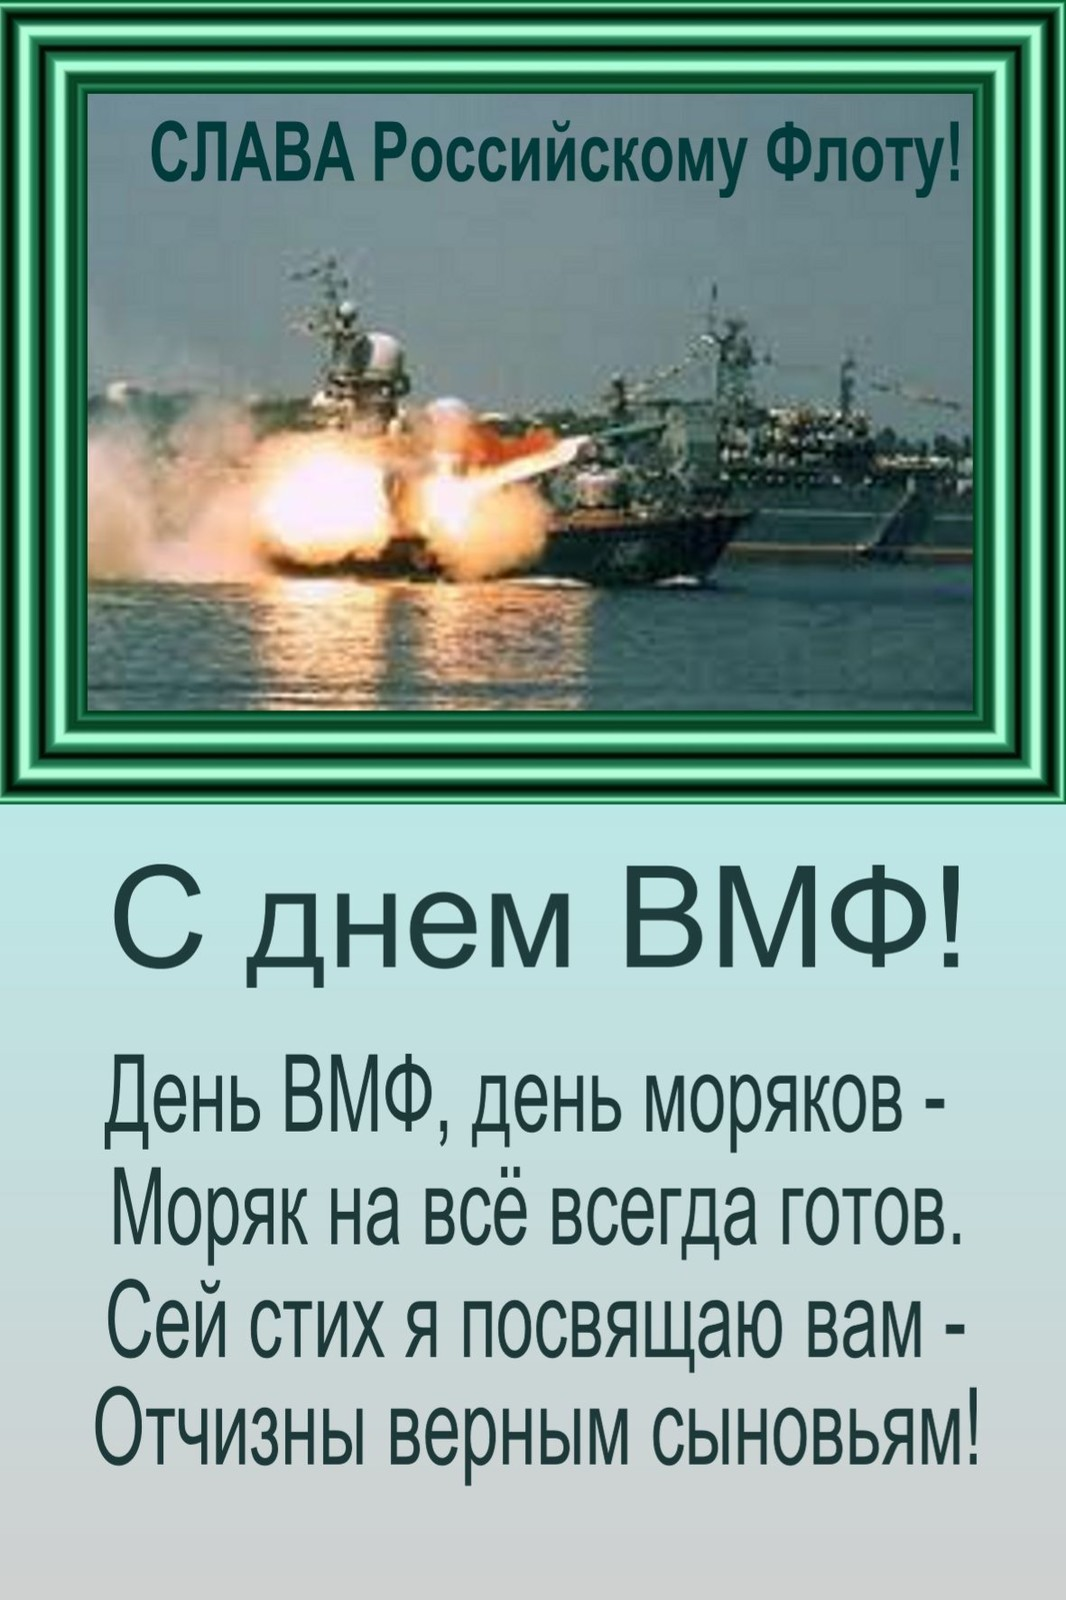 поздравления стихами с днем морского флота широком смысле